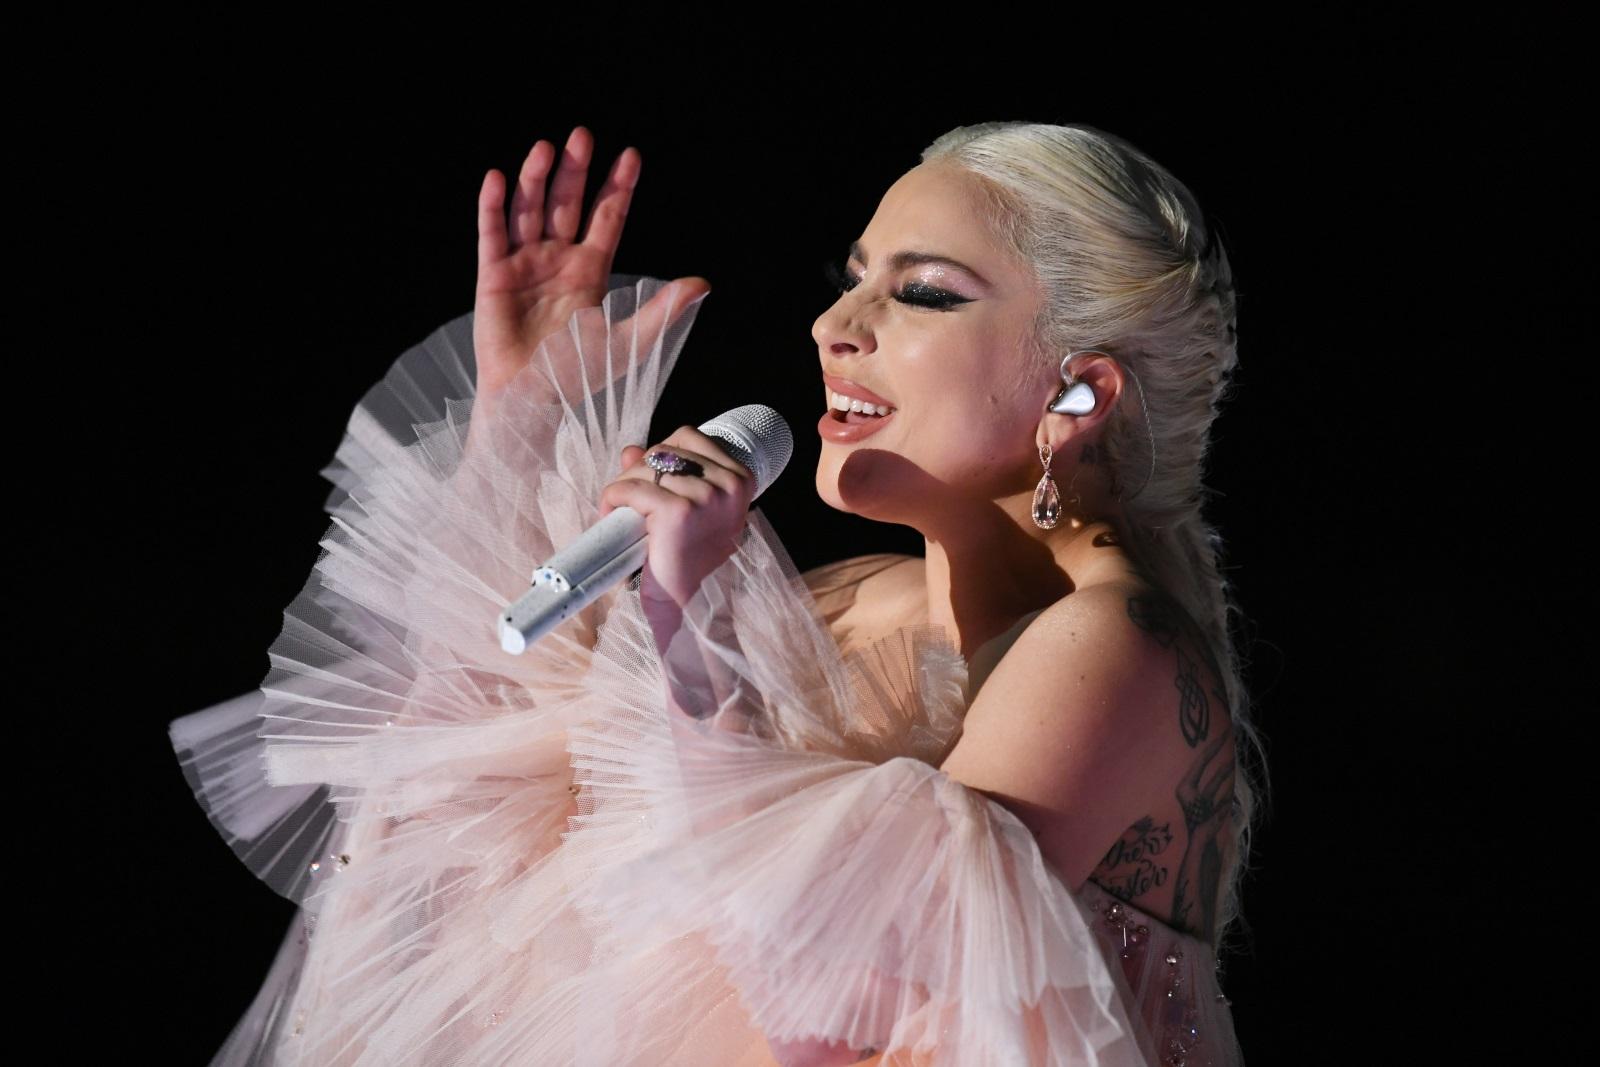 Сред съучениците си Гага била единствената, която работила след занятия. Била е сервитьорка.